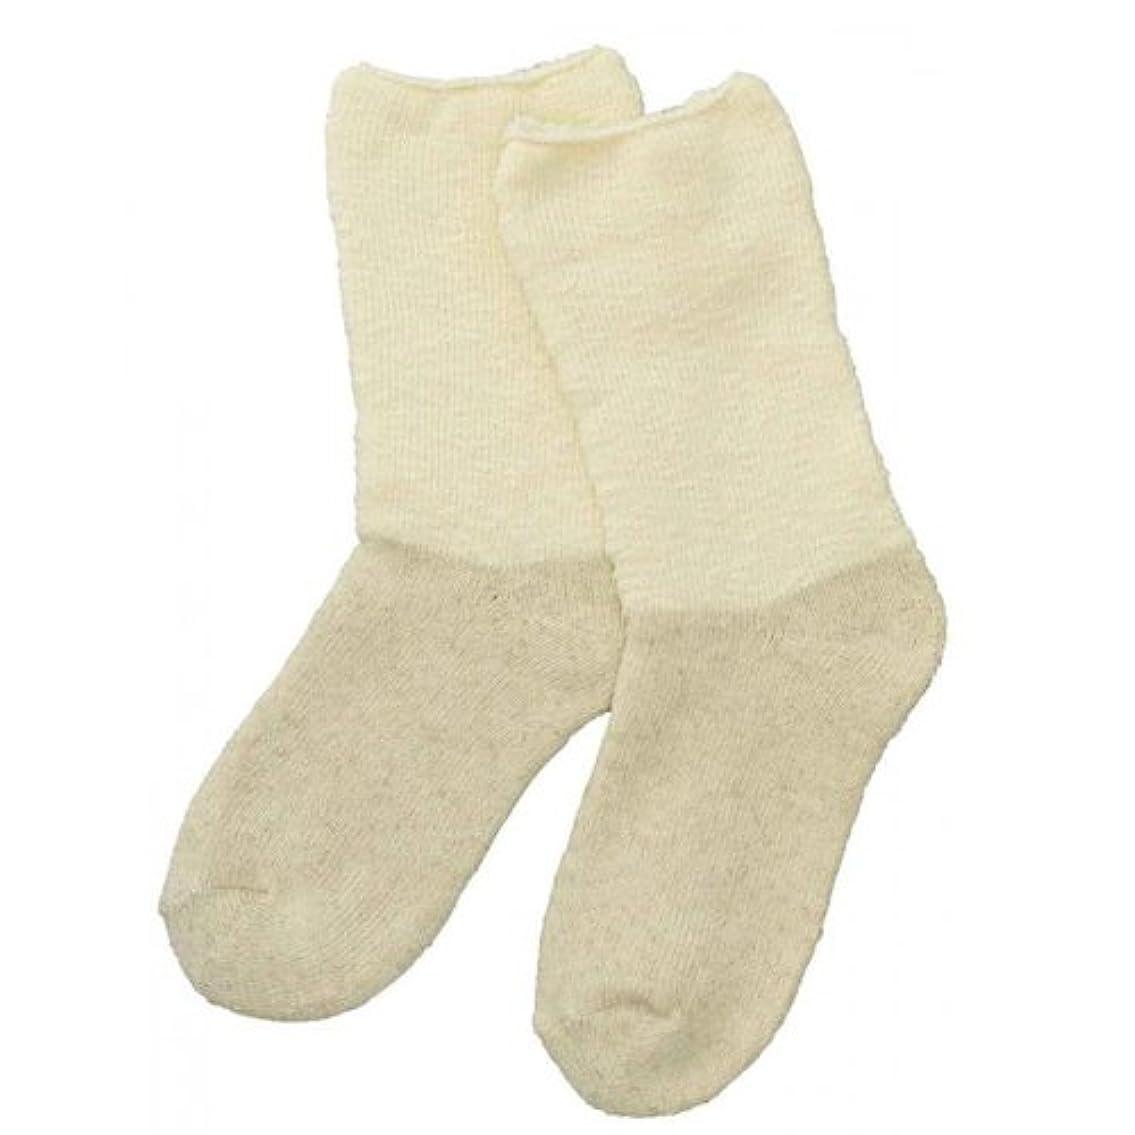 ペインギリック従順なクリープCarelance(ケアランス)お風呂上りのやさしい靴下 綿麻パイルで足先さわやか 8706CA-31 クリーム